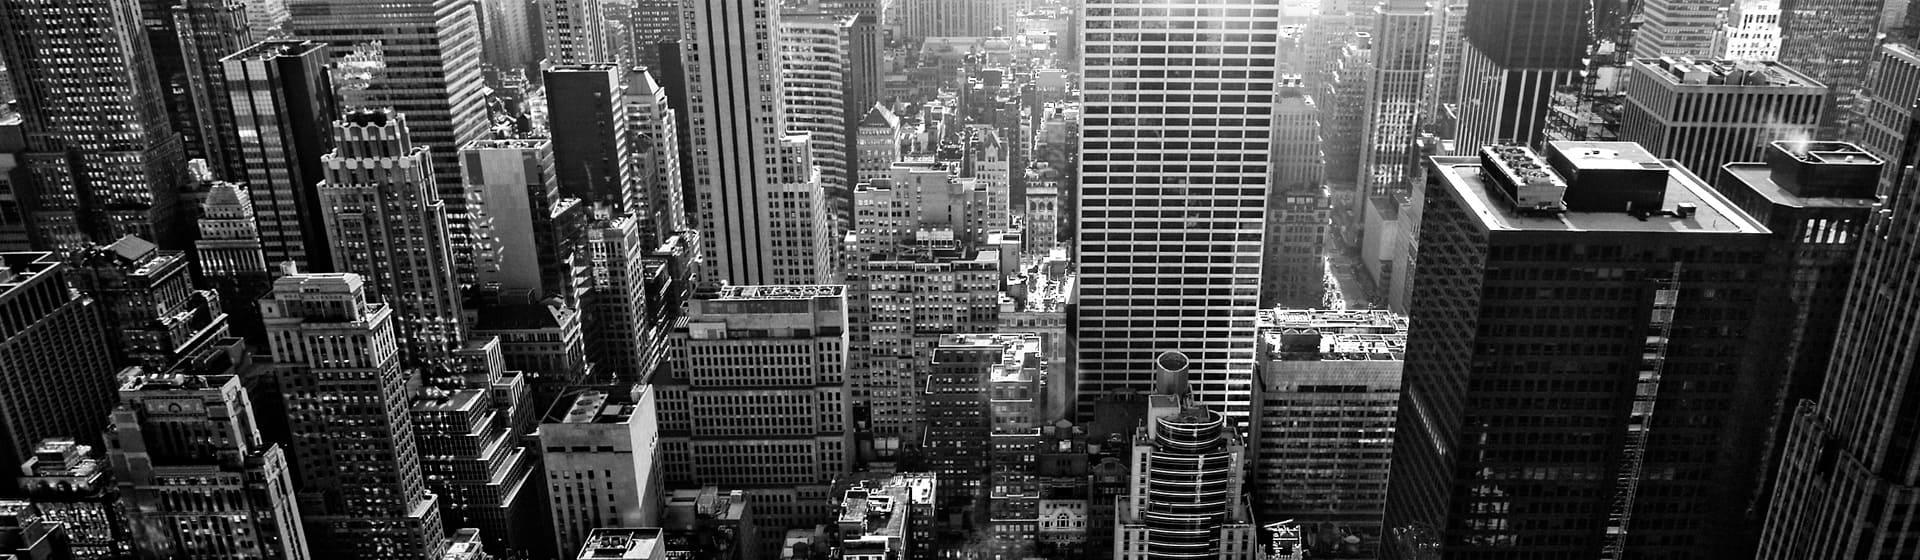 Нью-Йорк - Мерч и одежда с атрибутикой